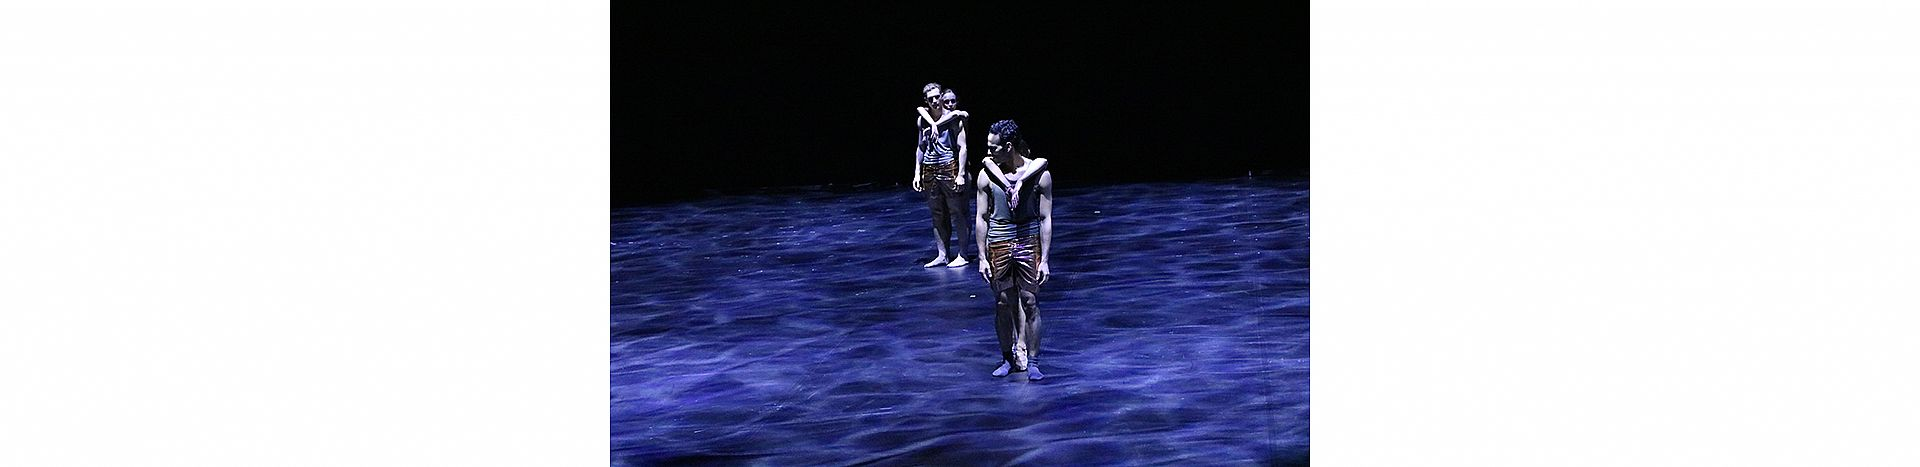 להקת דרזדן פרנקפורט באופרה הישראלית